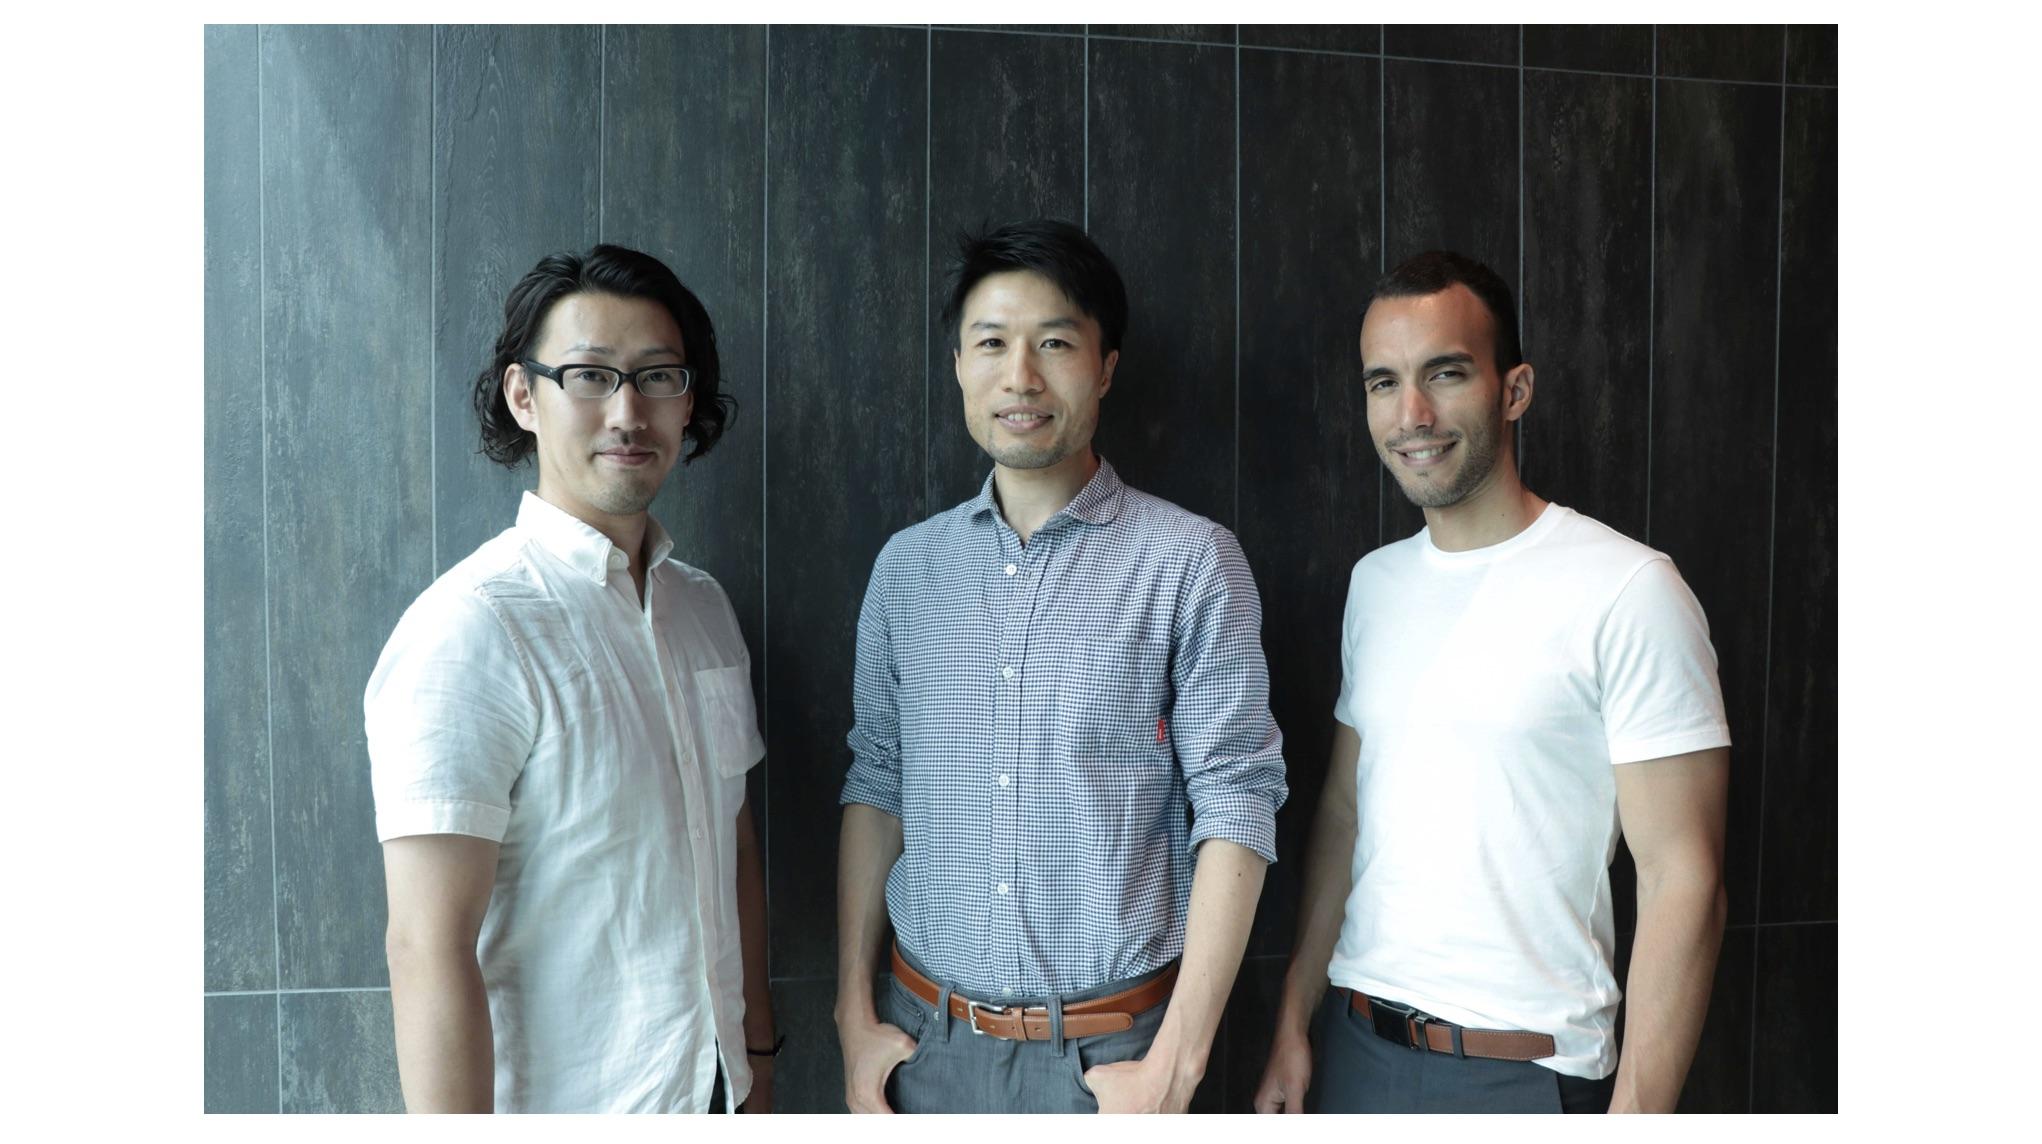 人材エージェントのAIアシスタント「hachico」を開発するCrossborders Innovation、資金調達を実施